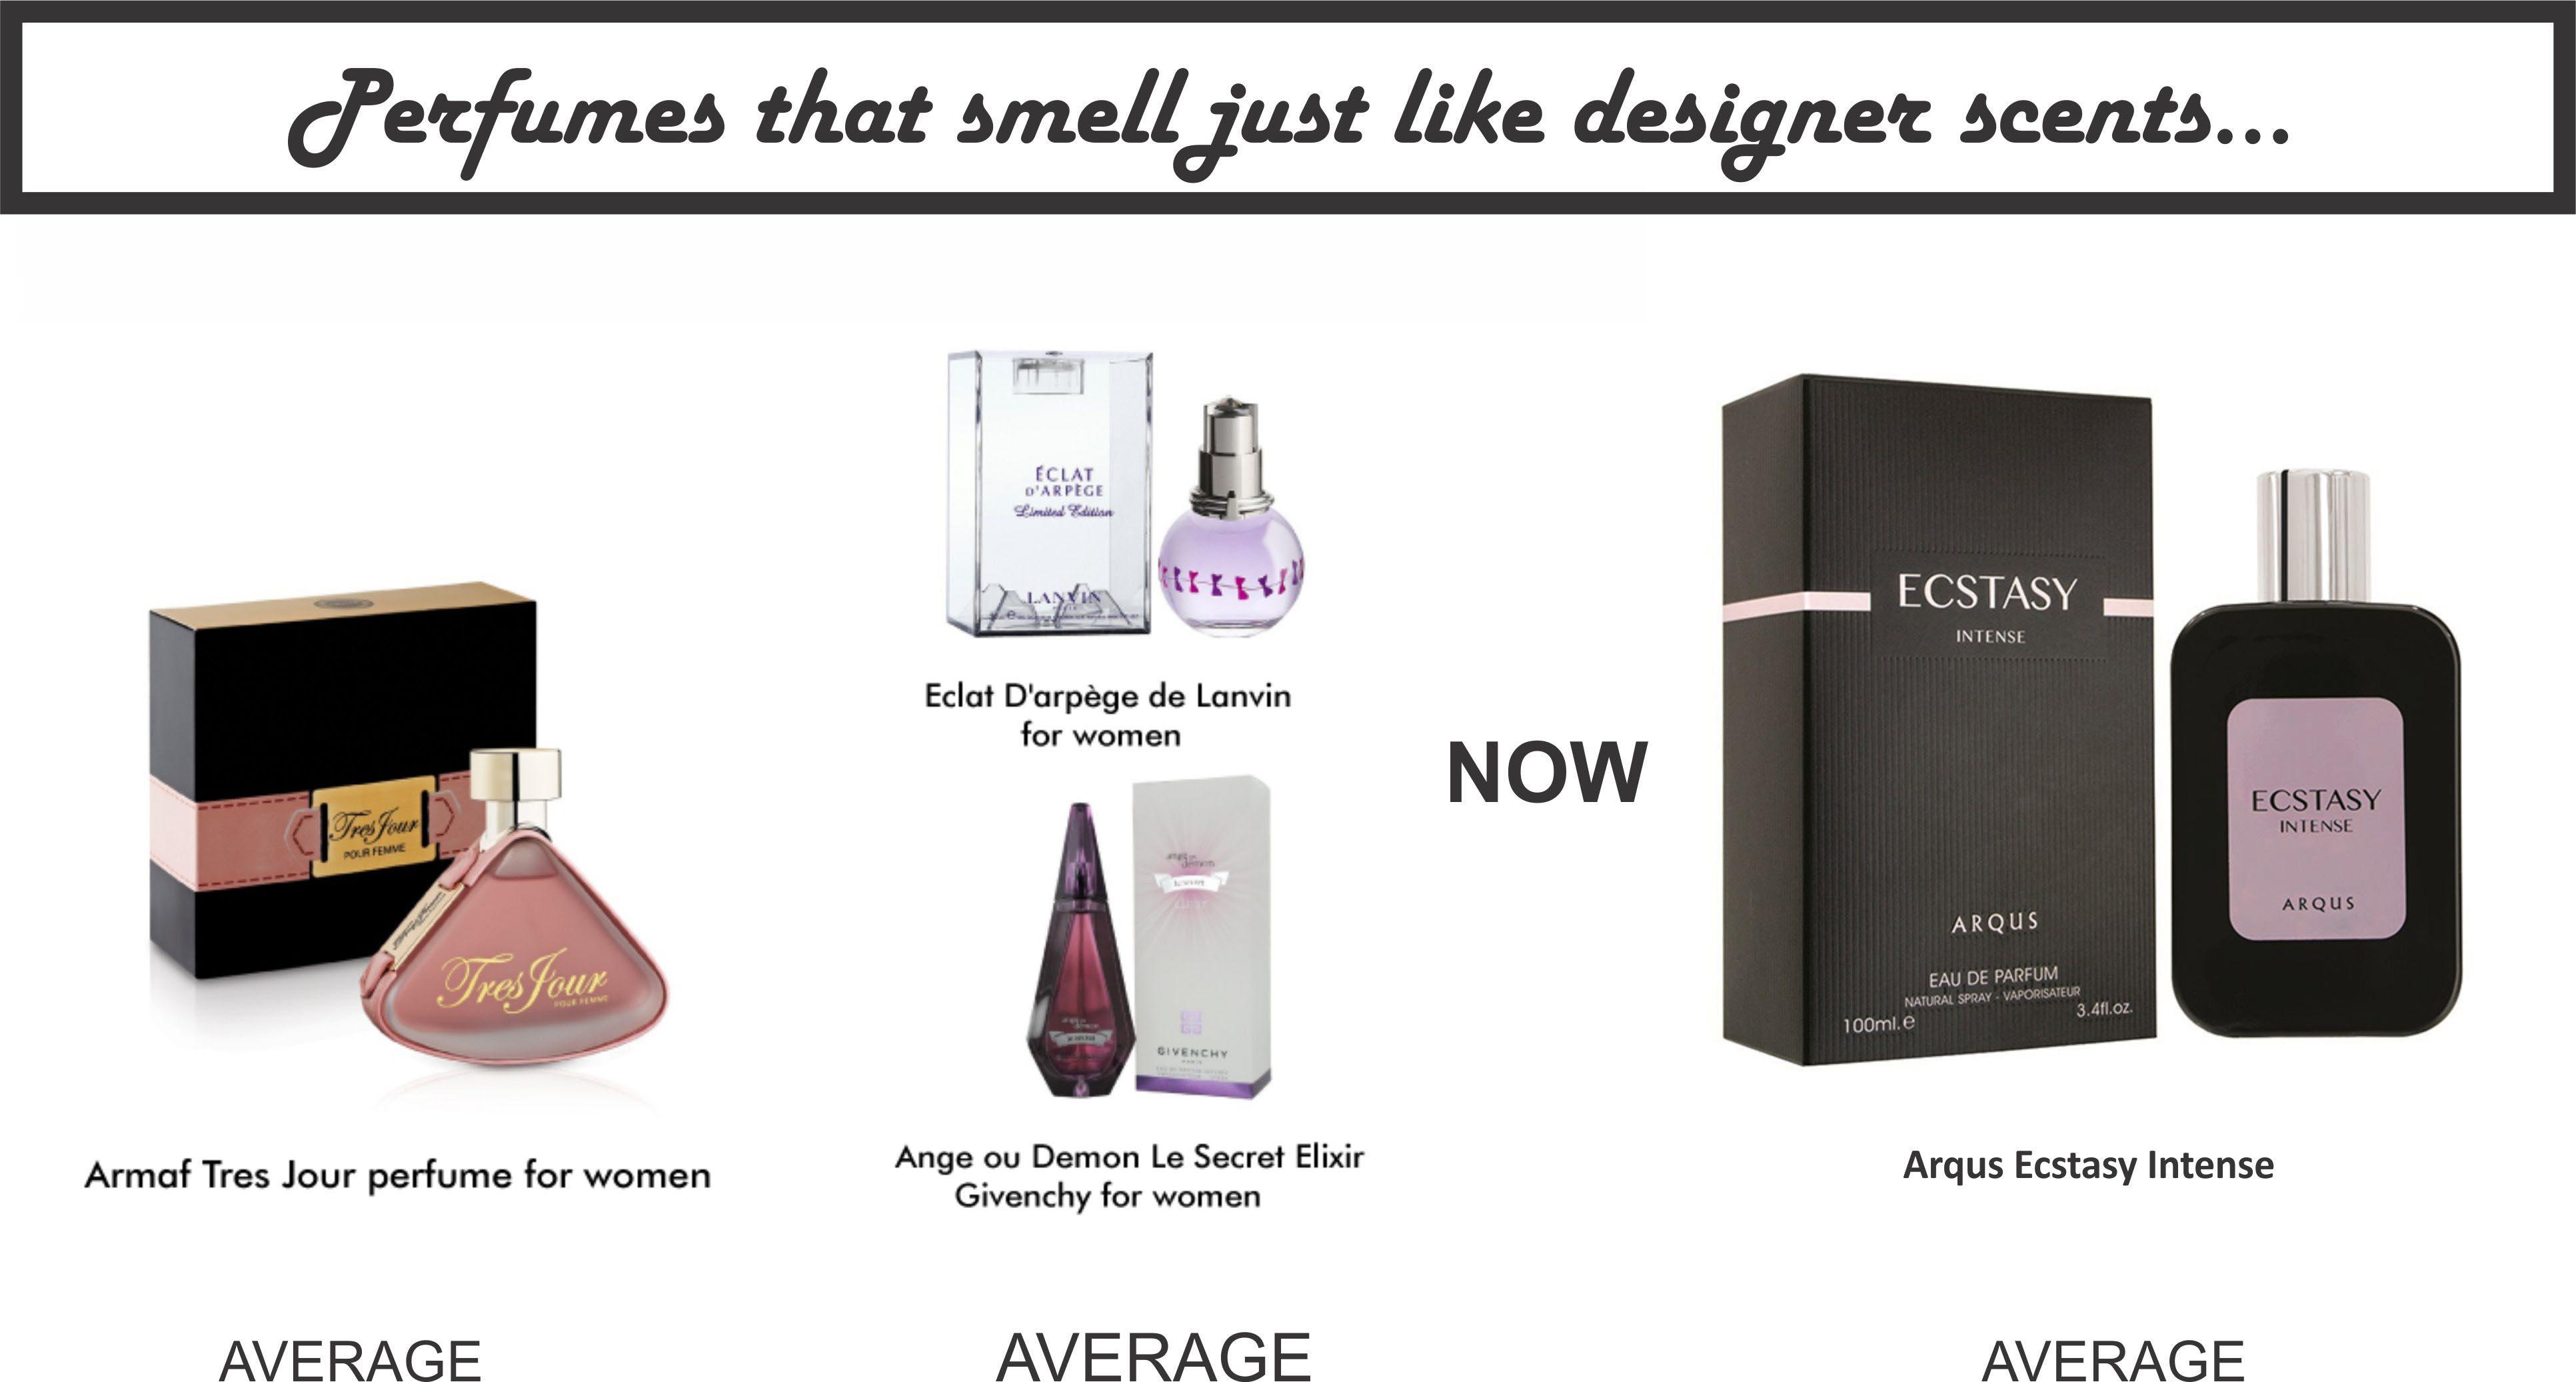 armaf-tres-jour-perfume-women-èclat-d'arpège-de-lanvin-&-ange-ou-demon-le-secret-elixir-givenchy-arqus-ecstasy-intense-perfume-for-women-100-ml-edp-by-lattafa-perfumes